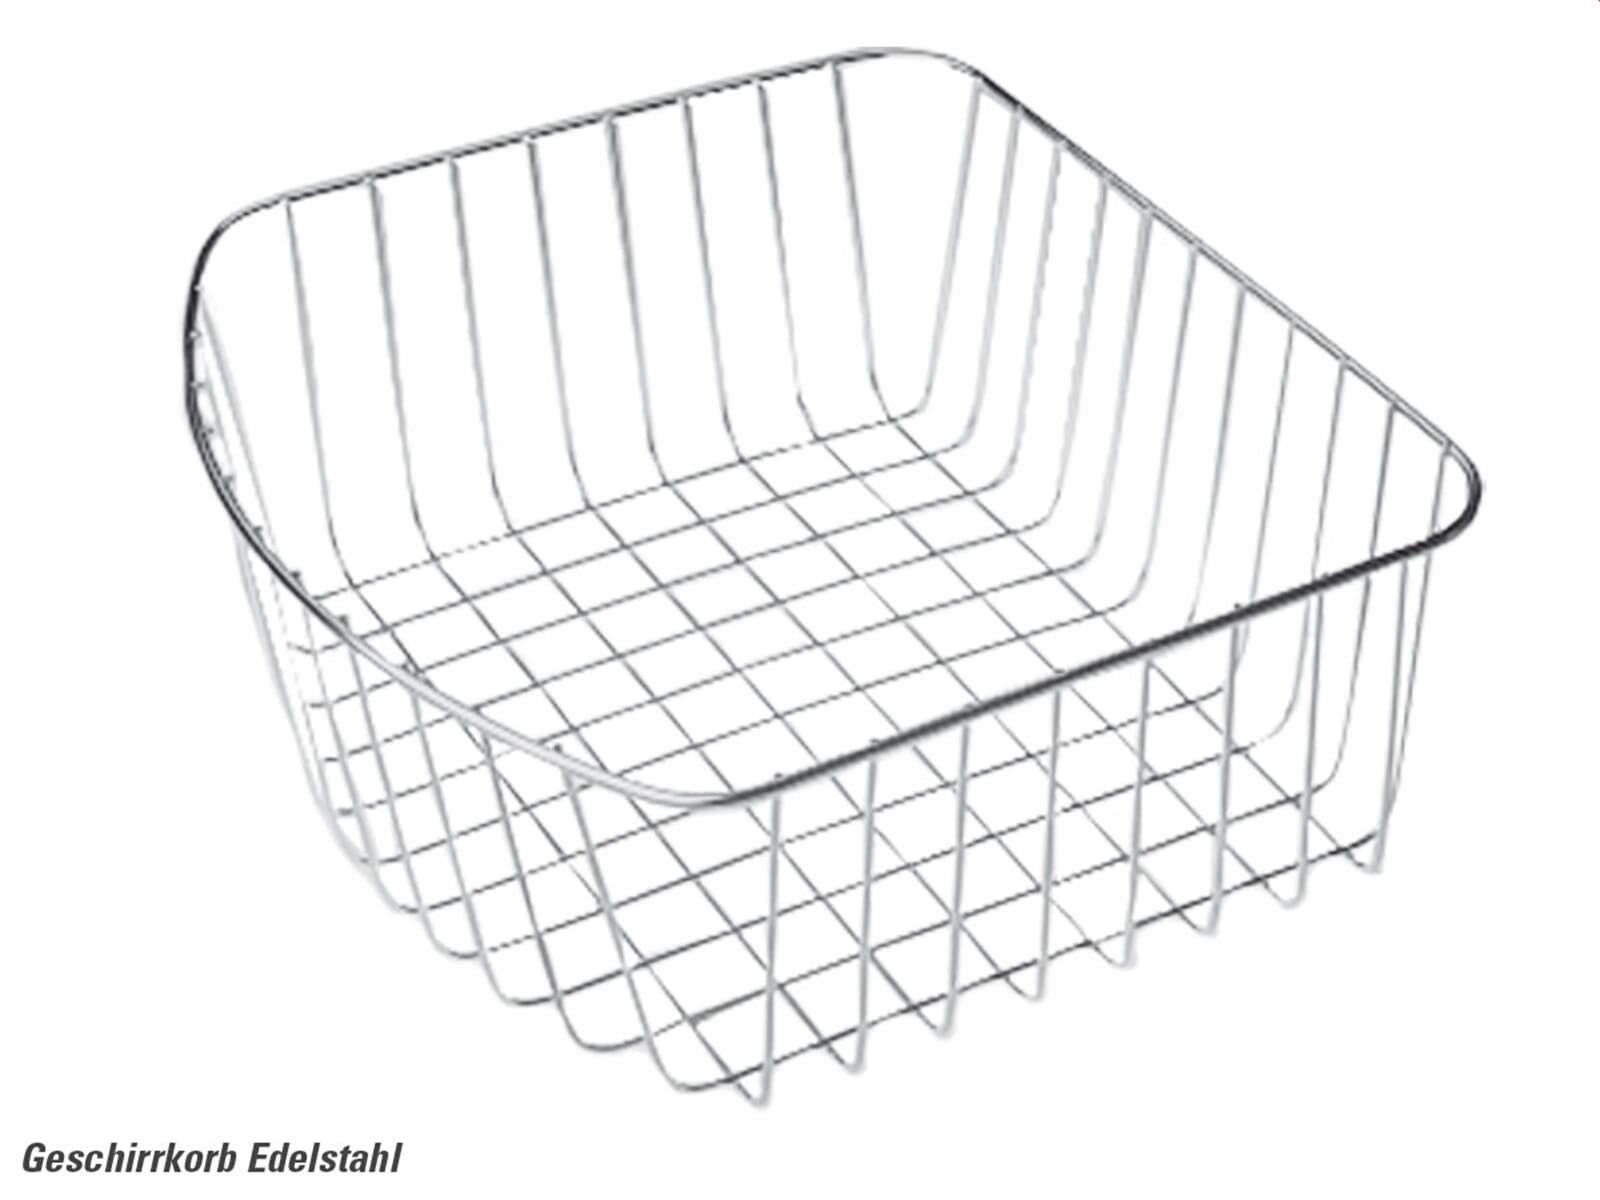 Produktabbildung Geschirrkorb Edelstahl 0811